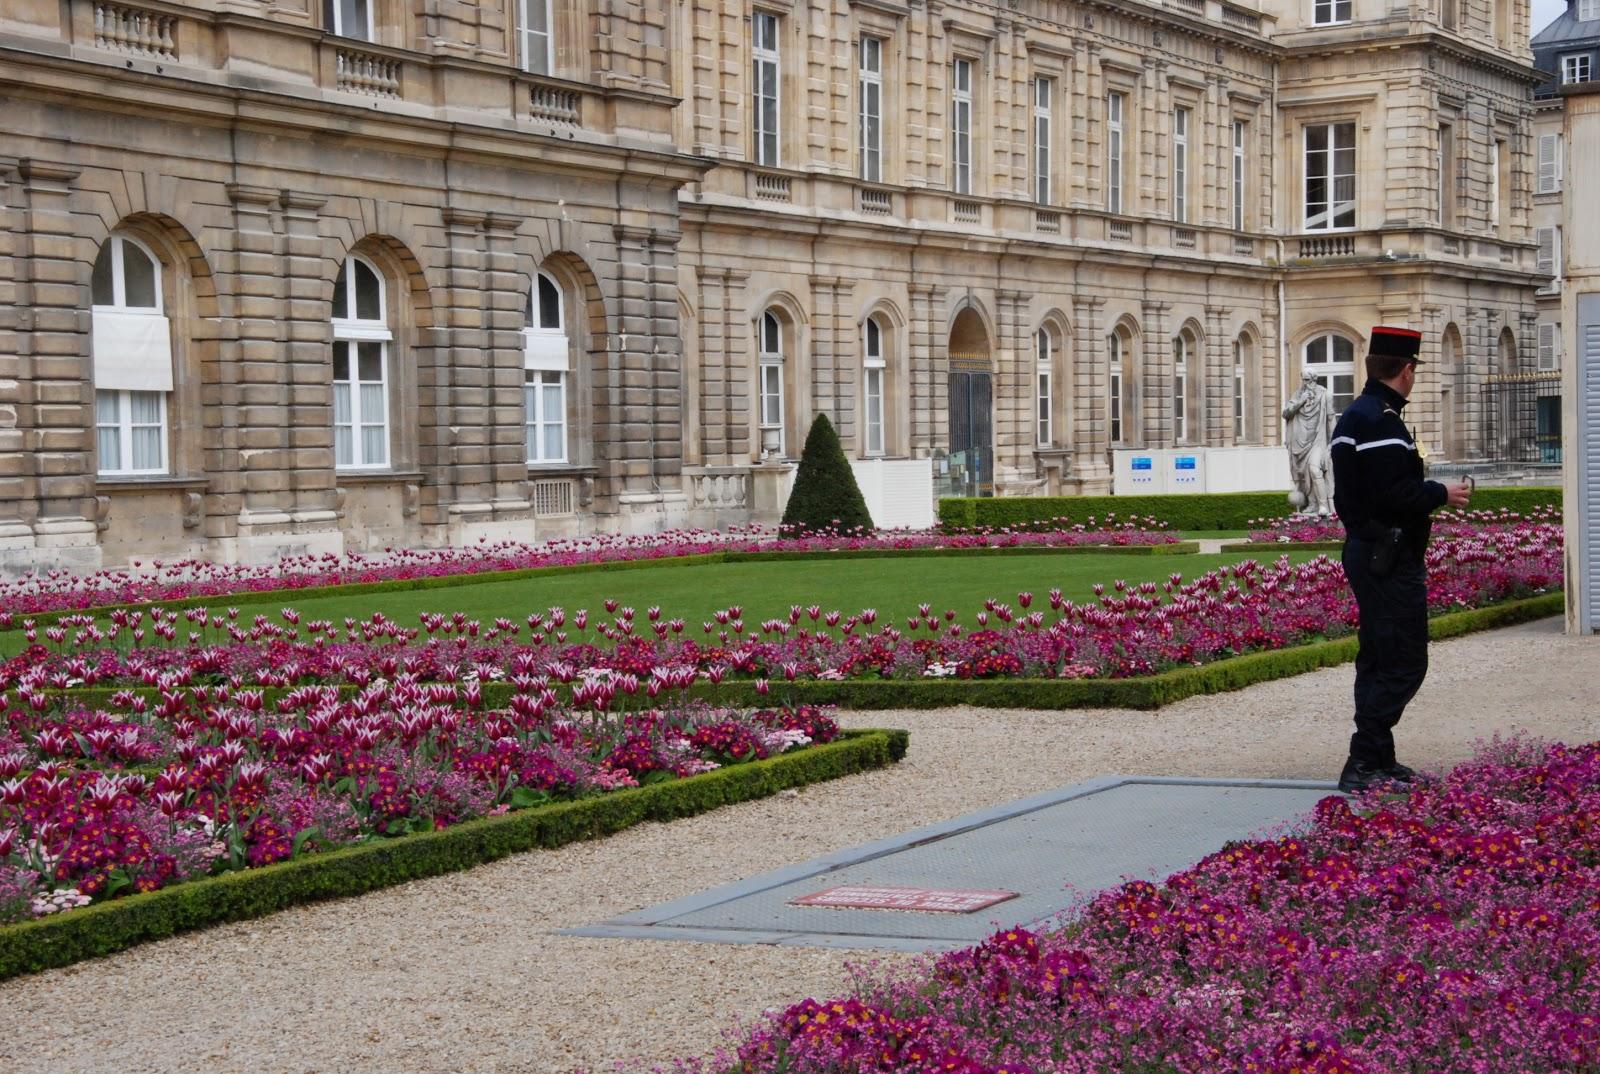 Den passionerade trädgårdsturisten: franska trädgårdar 5 10 juni 2015